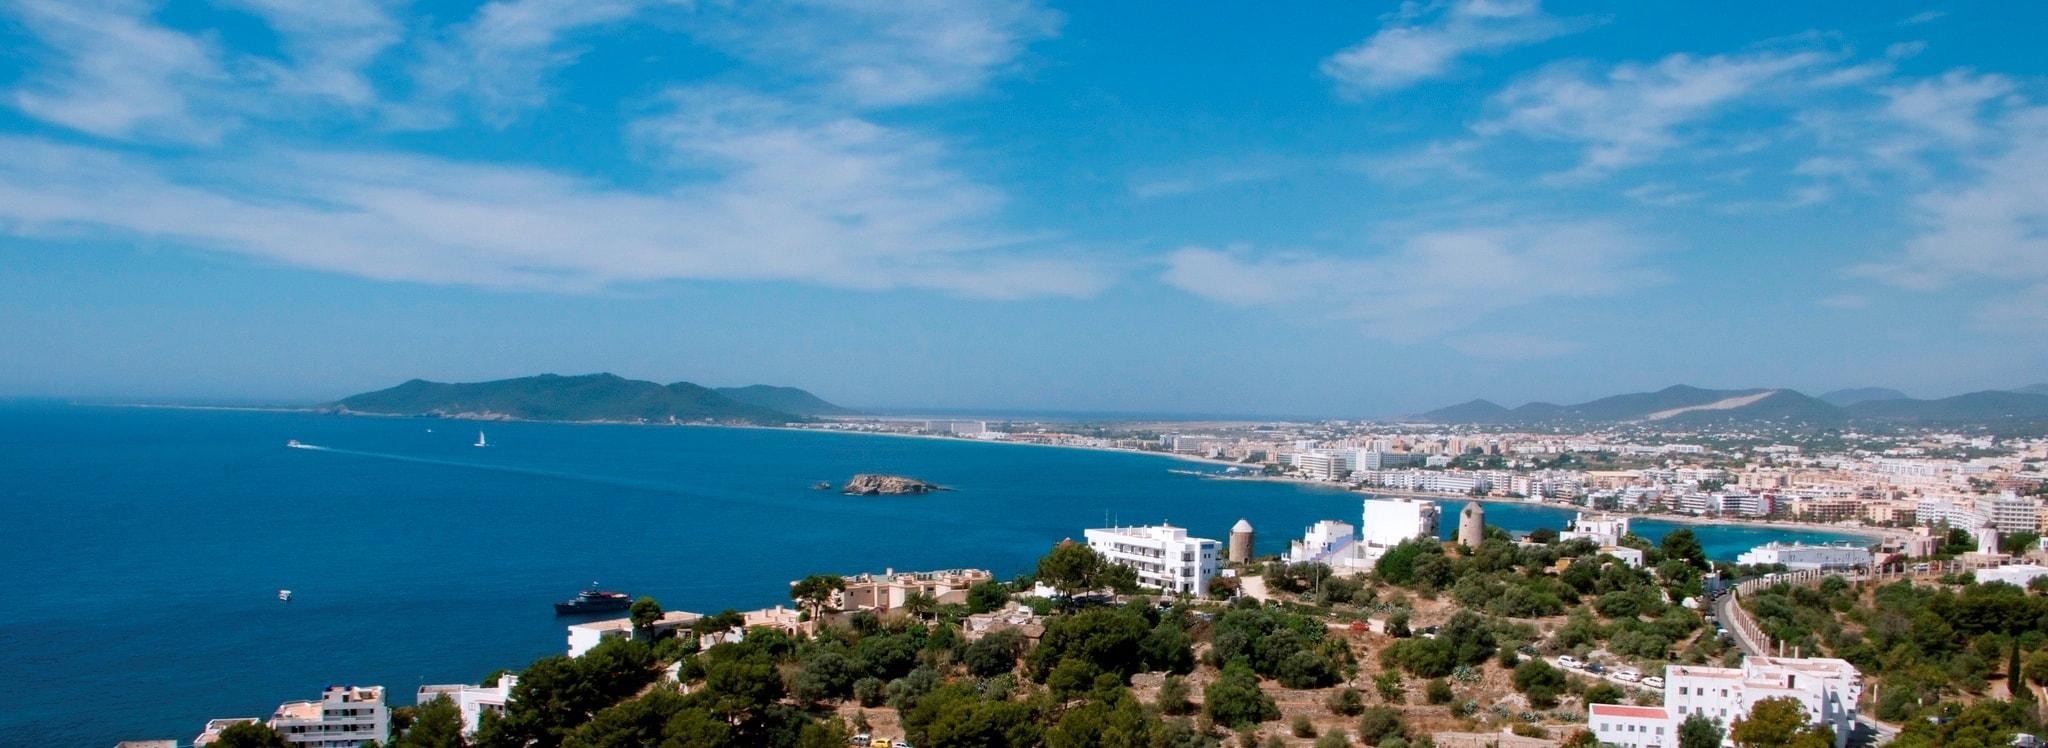 ibiza eivissa municipality